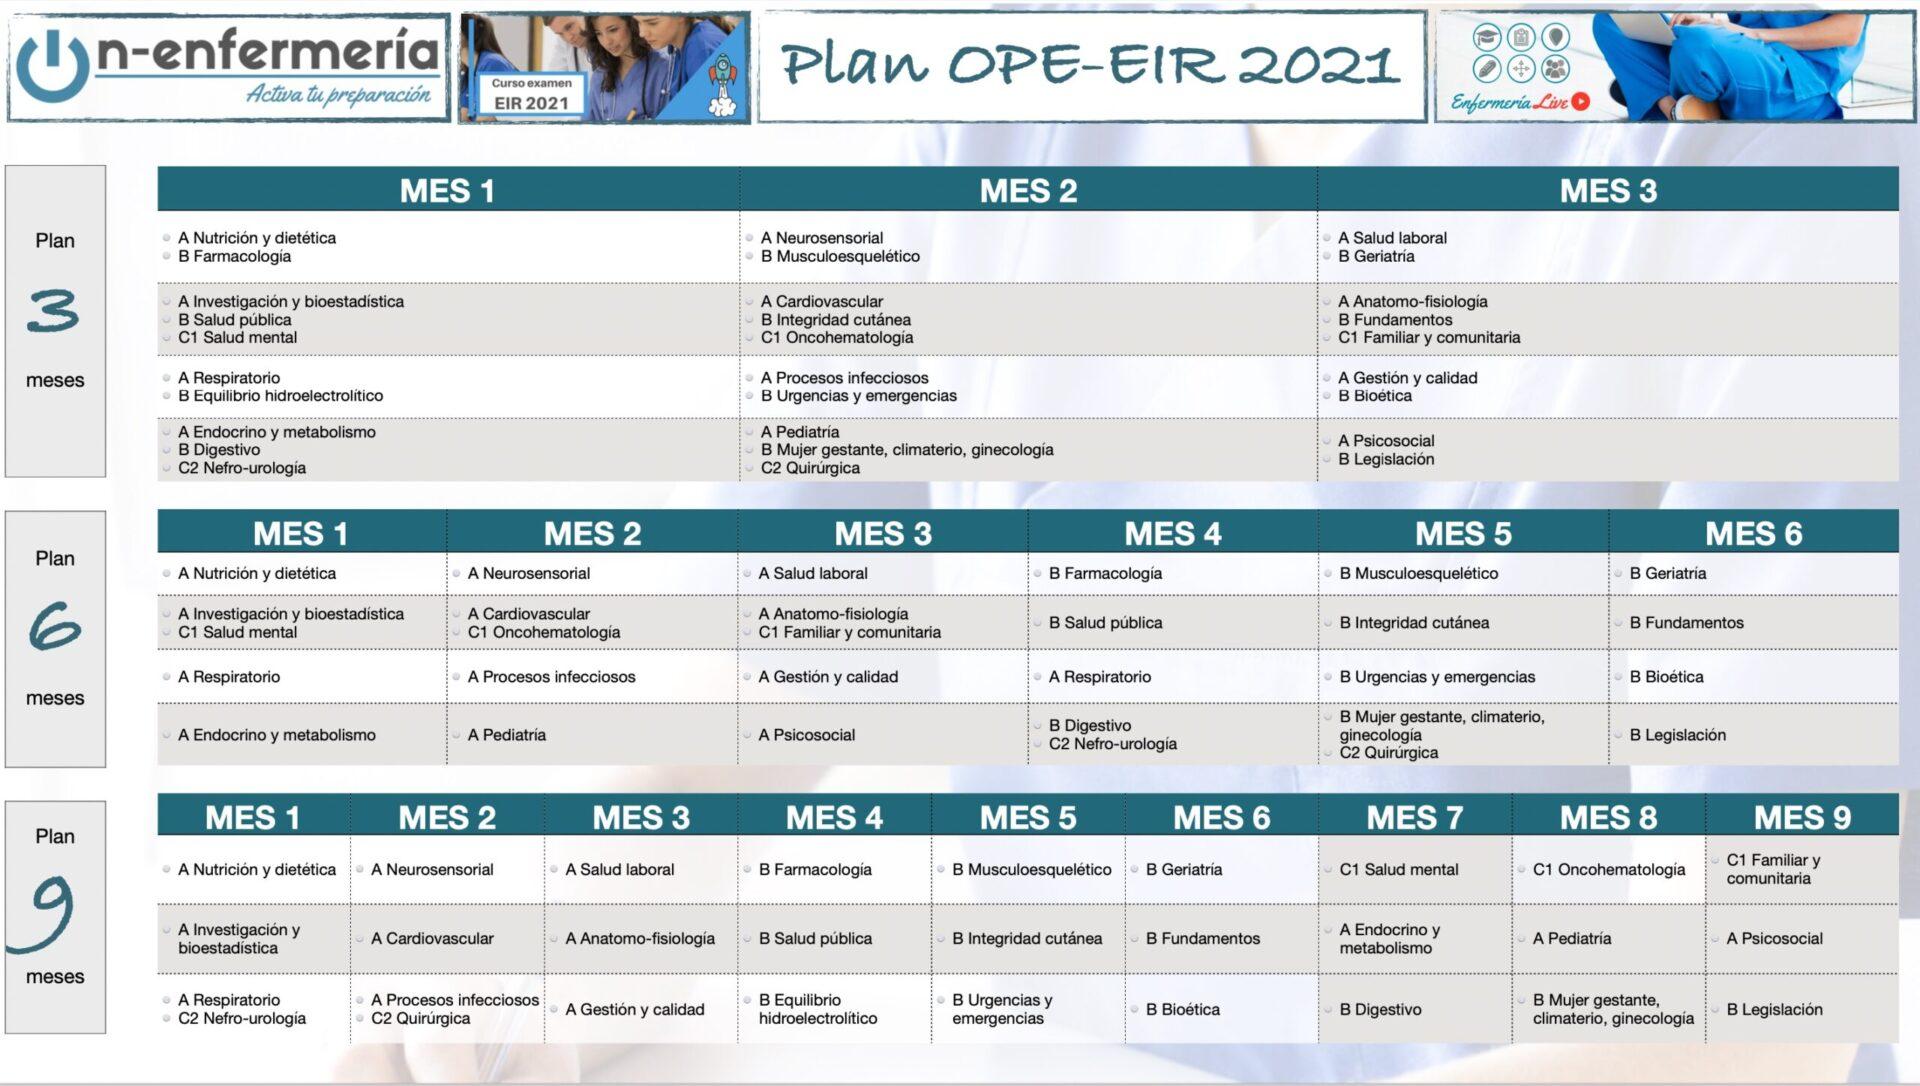 Calendario propuesto OPE o EIR